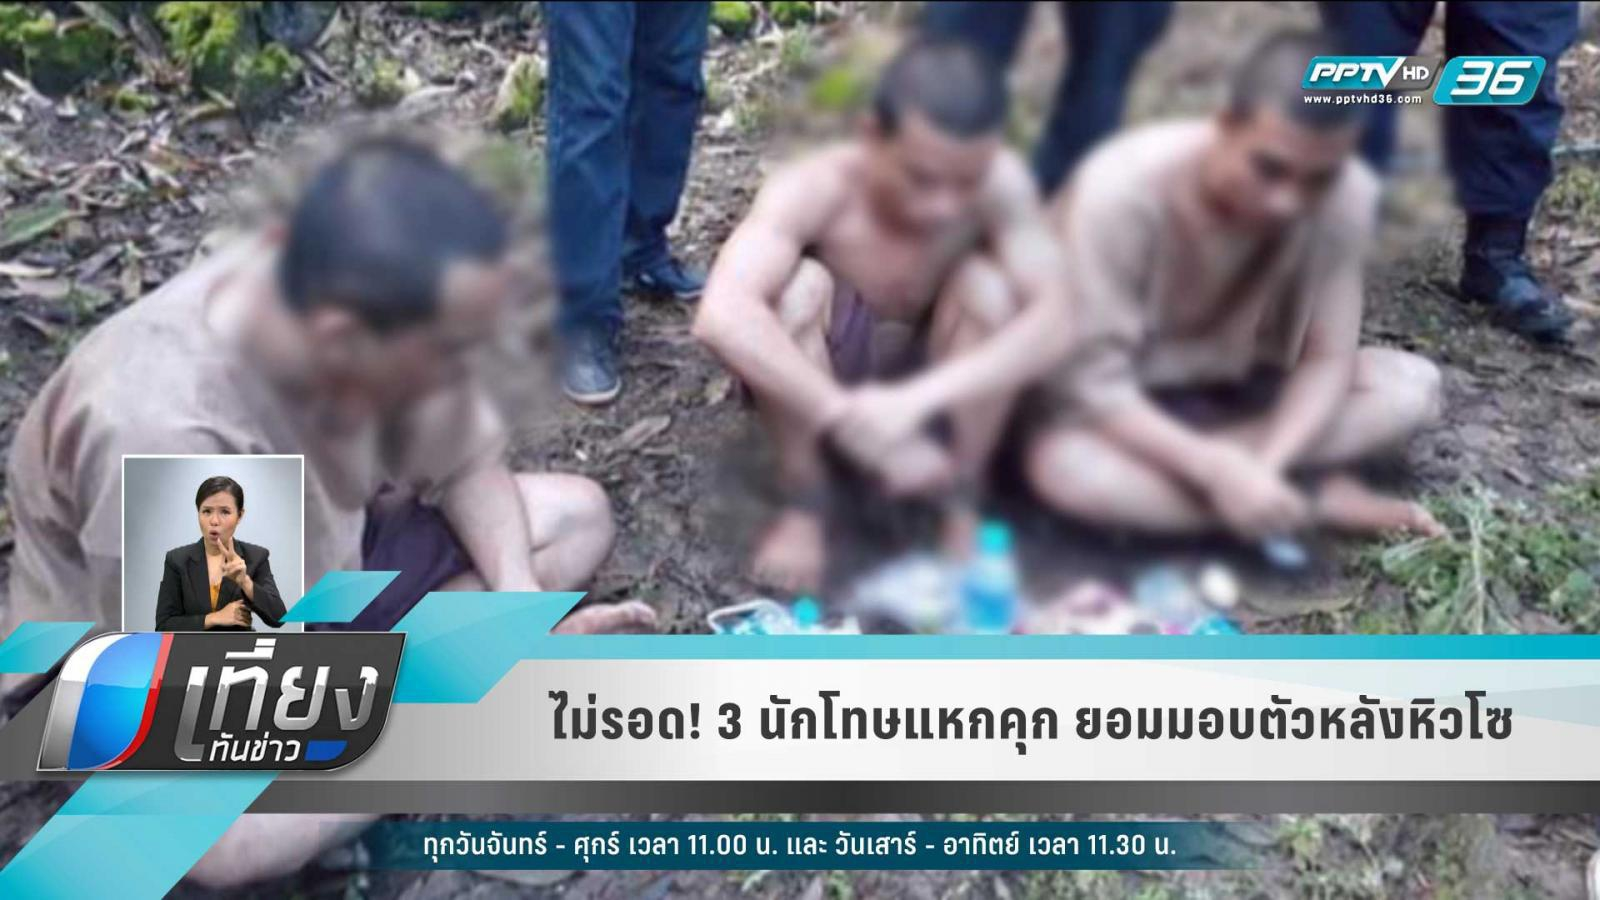 ไม่รอด!! 3 นักโทษแหกคุก ยอมมอบตัวหลังหิวโซ